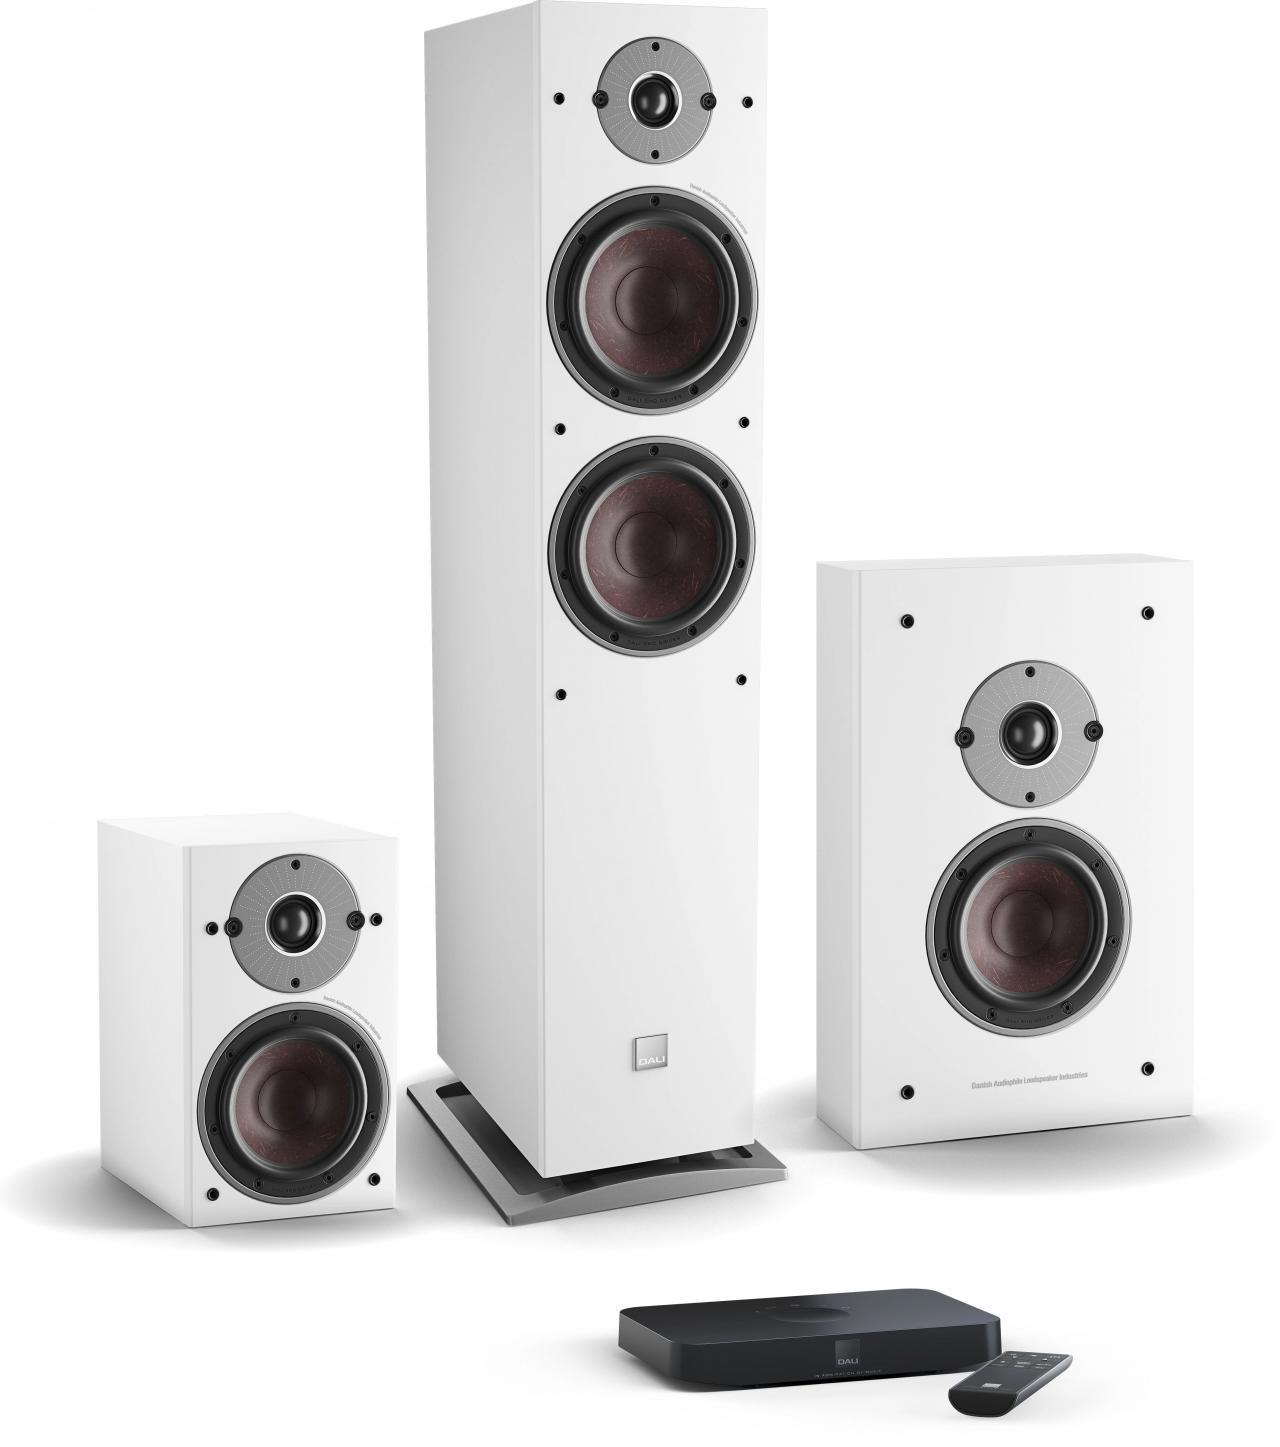 产品丨全新DALI OBERON C系列无线音箱系统,轻松聆听纯正达尼音质(一)